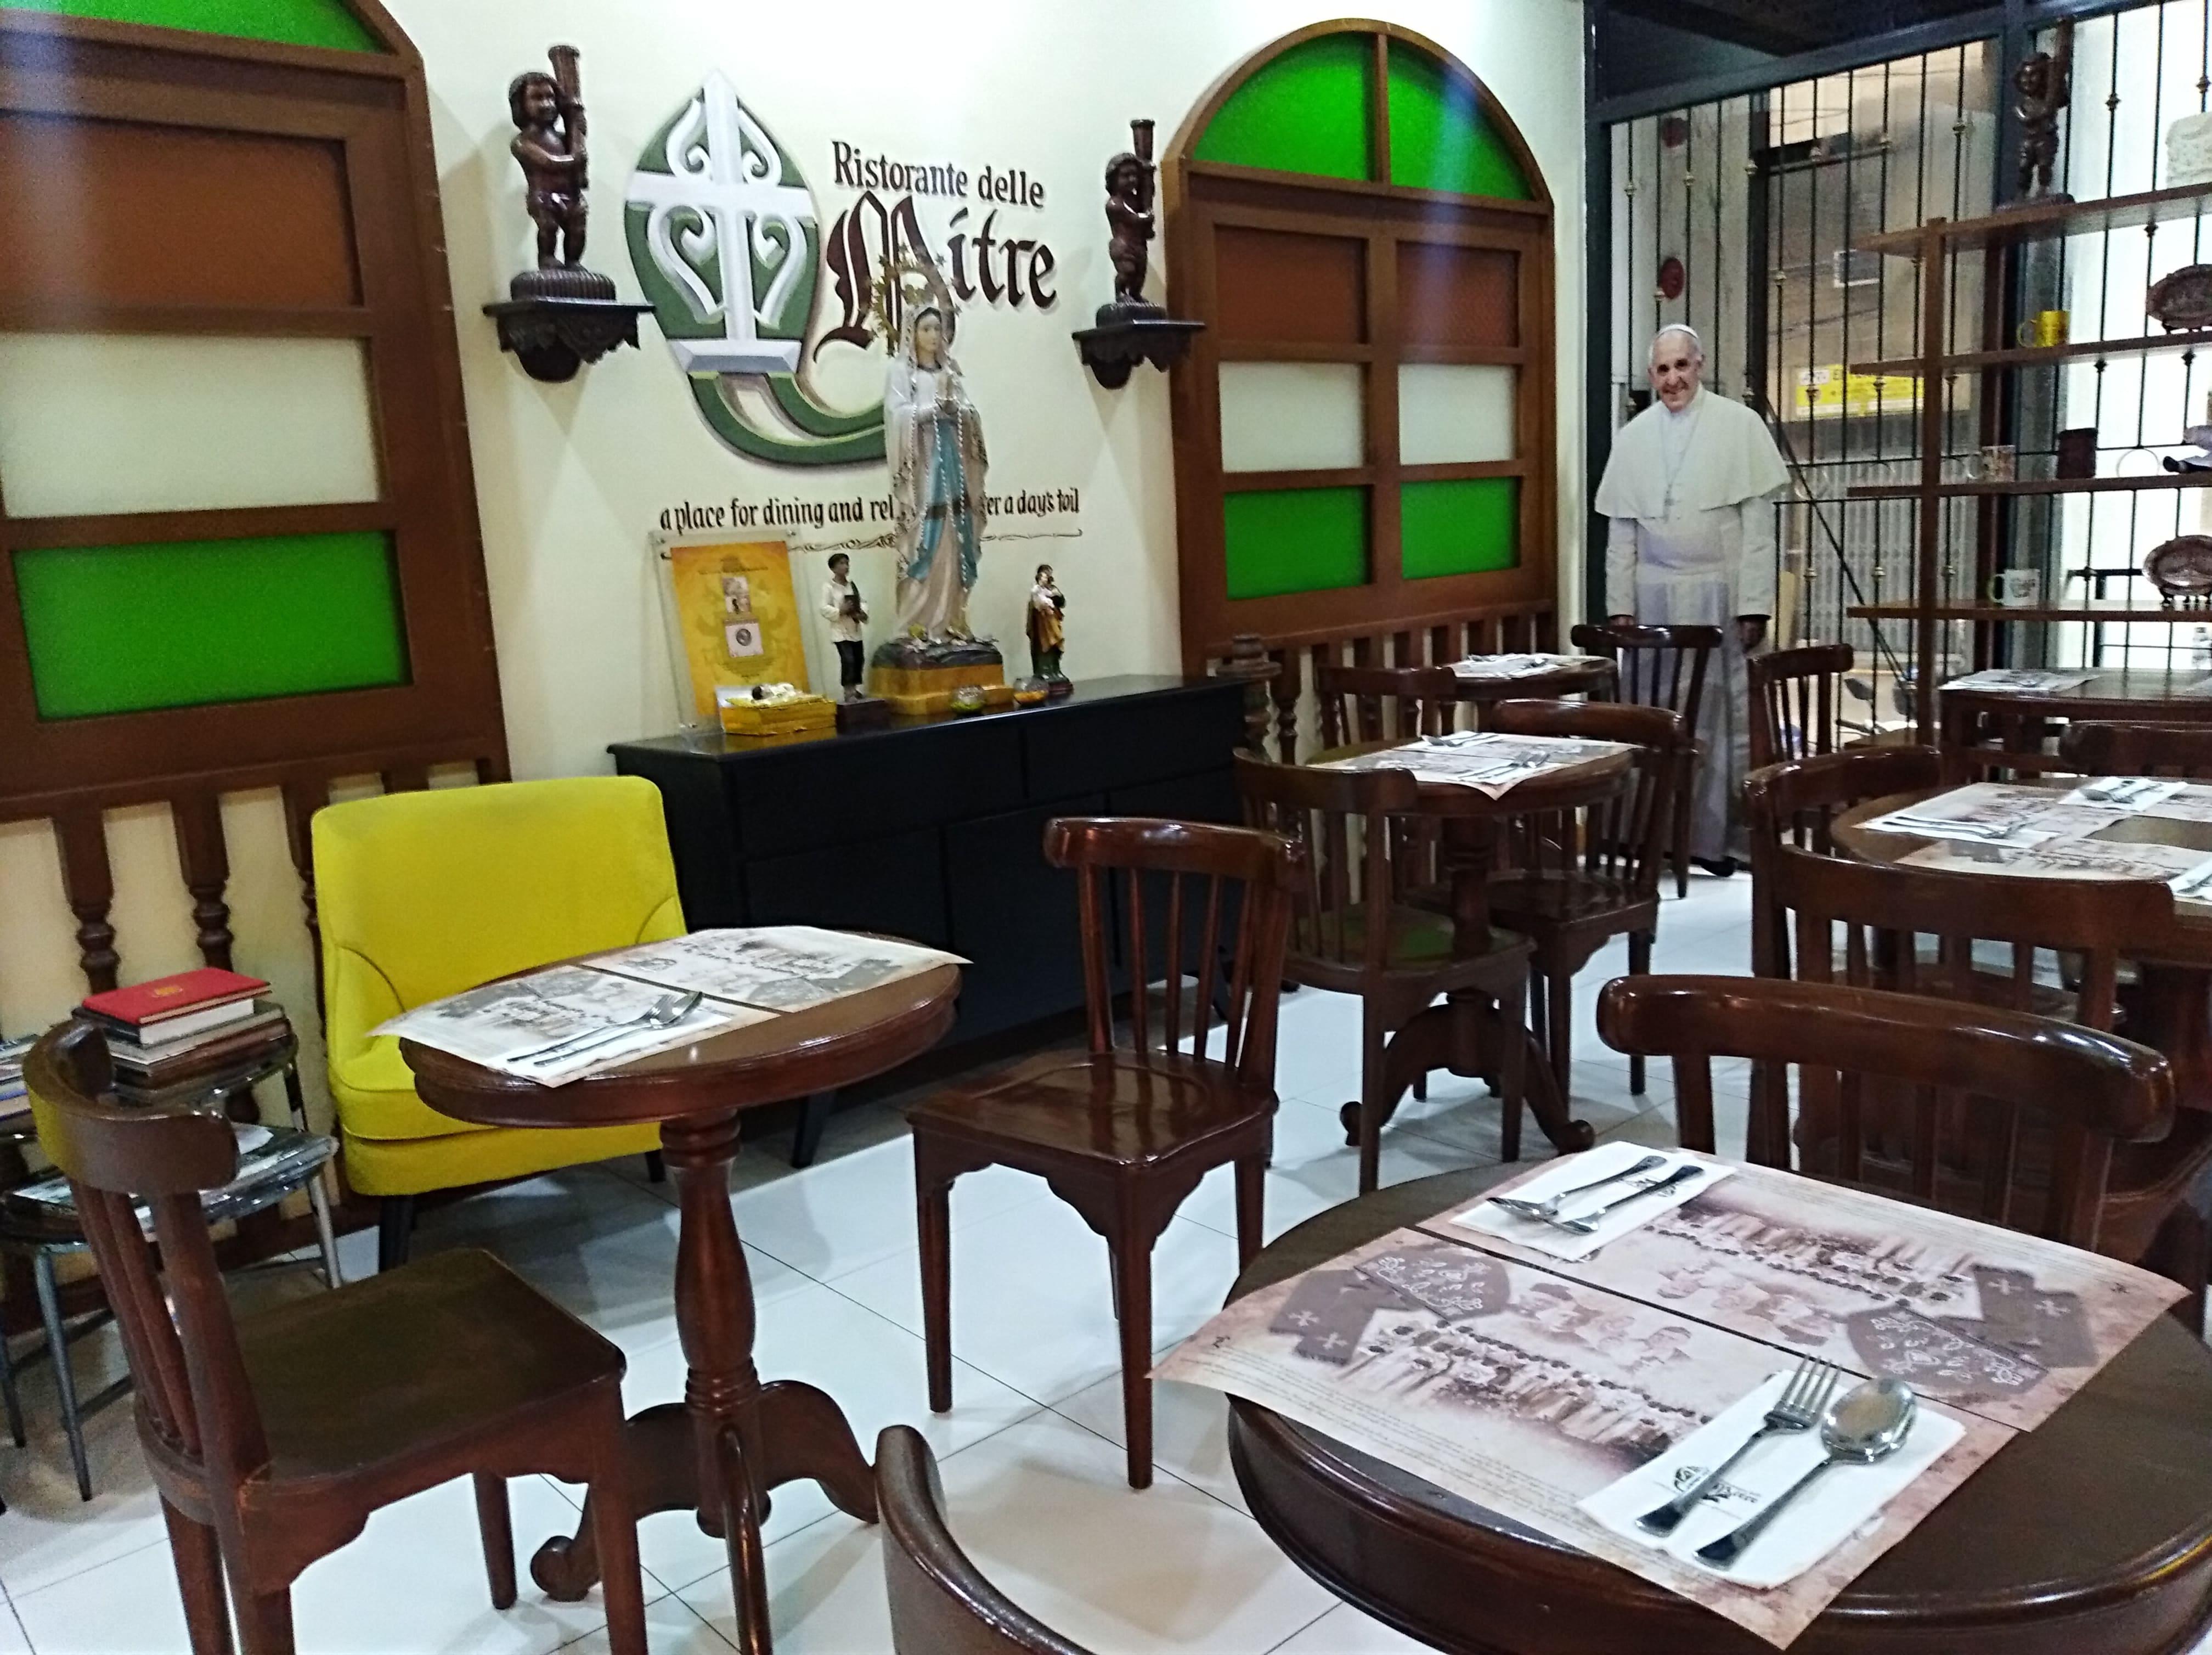 Ristorante delle Mitre Menu, Menu for Ristorante delle Mitre, Intramuros, Manila